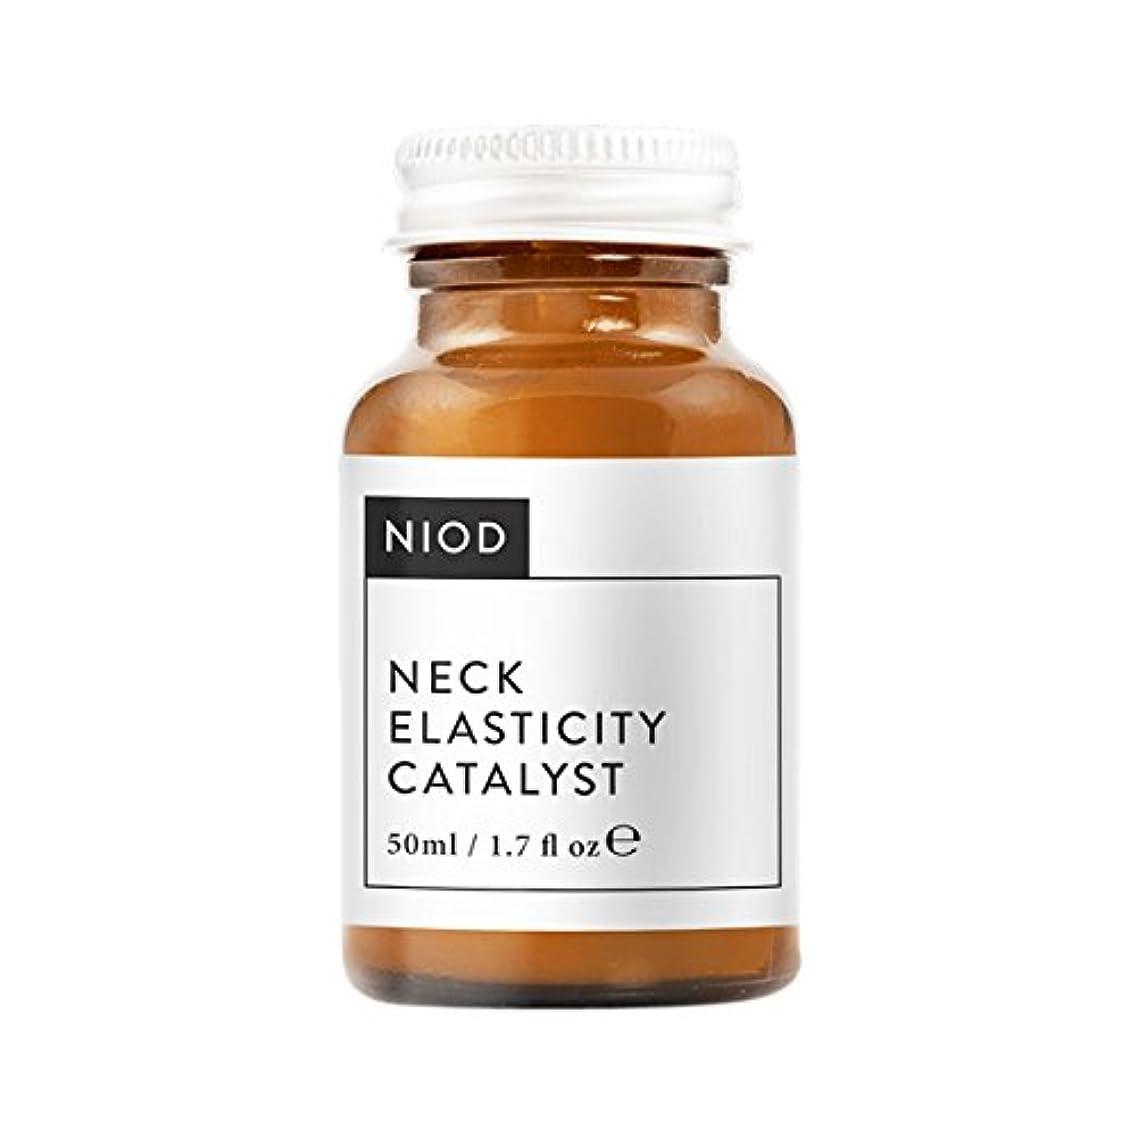 目指す裸看板Niod Neck Elasticity Catalyst 50ml [並行輸入品]